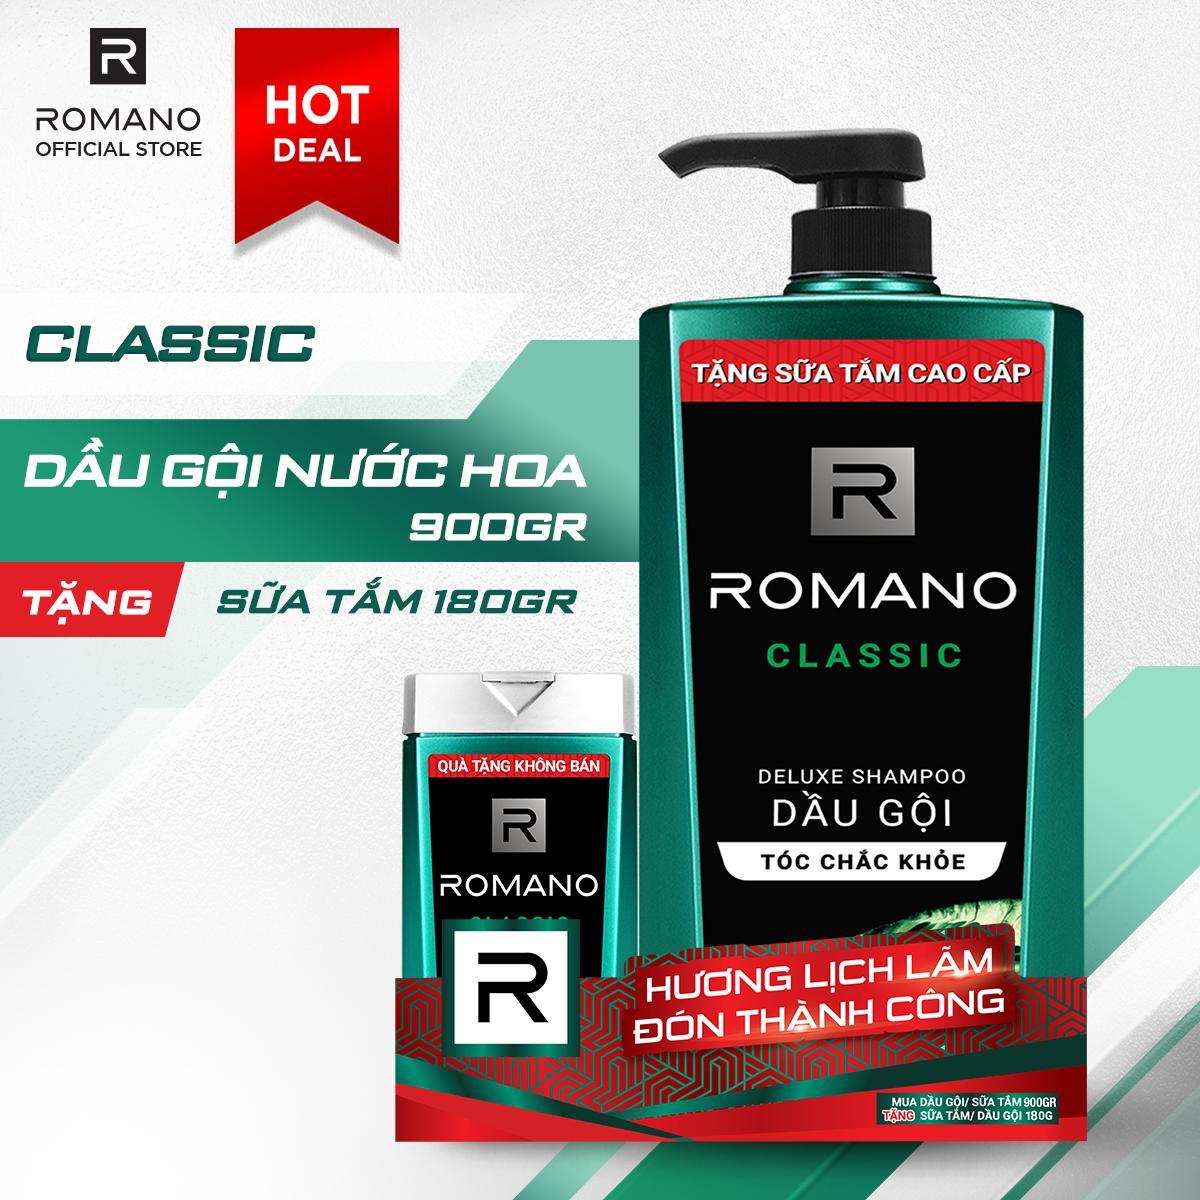 Dầu gội Romano Classic cổ điển lịch lãm tóc chắc khỏe 900gr- Tặng sữa tắm Romano Classic 180g nhập khẩu